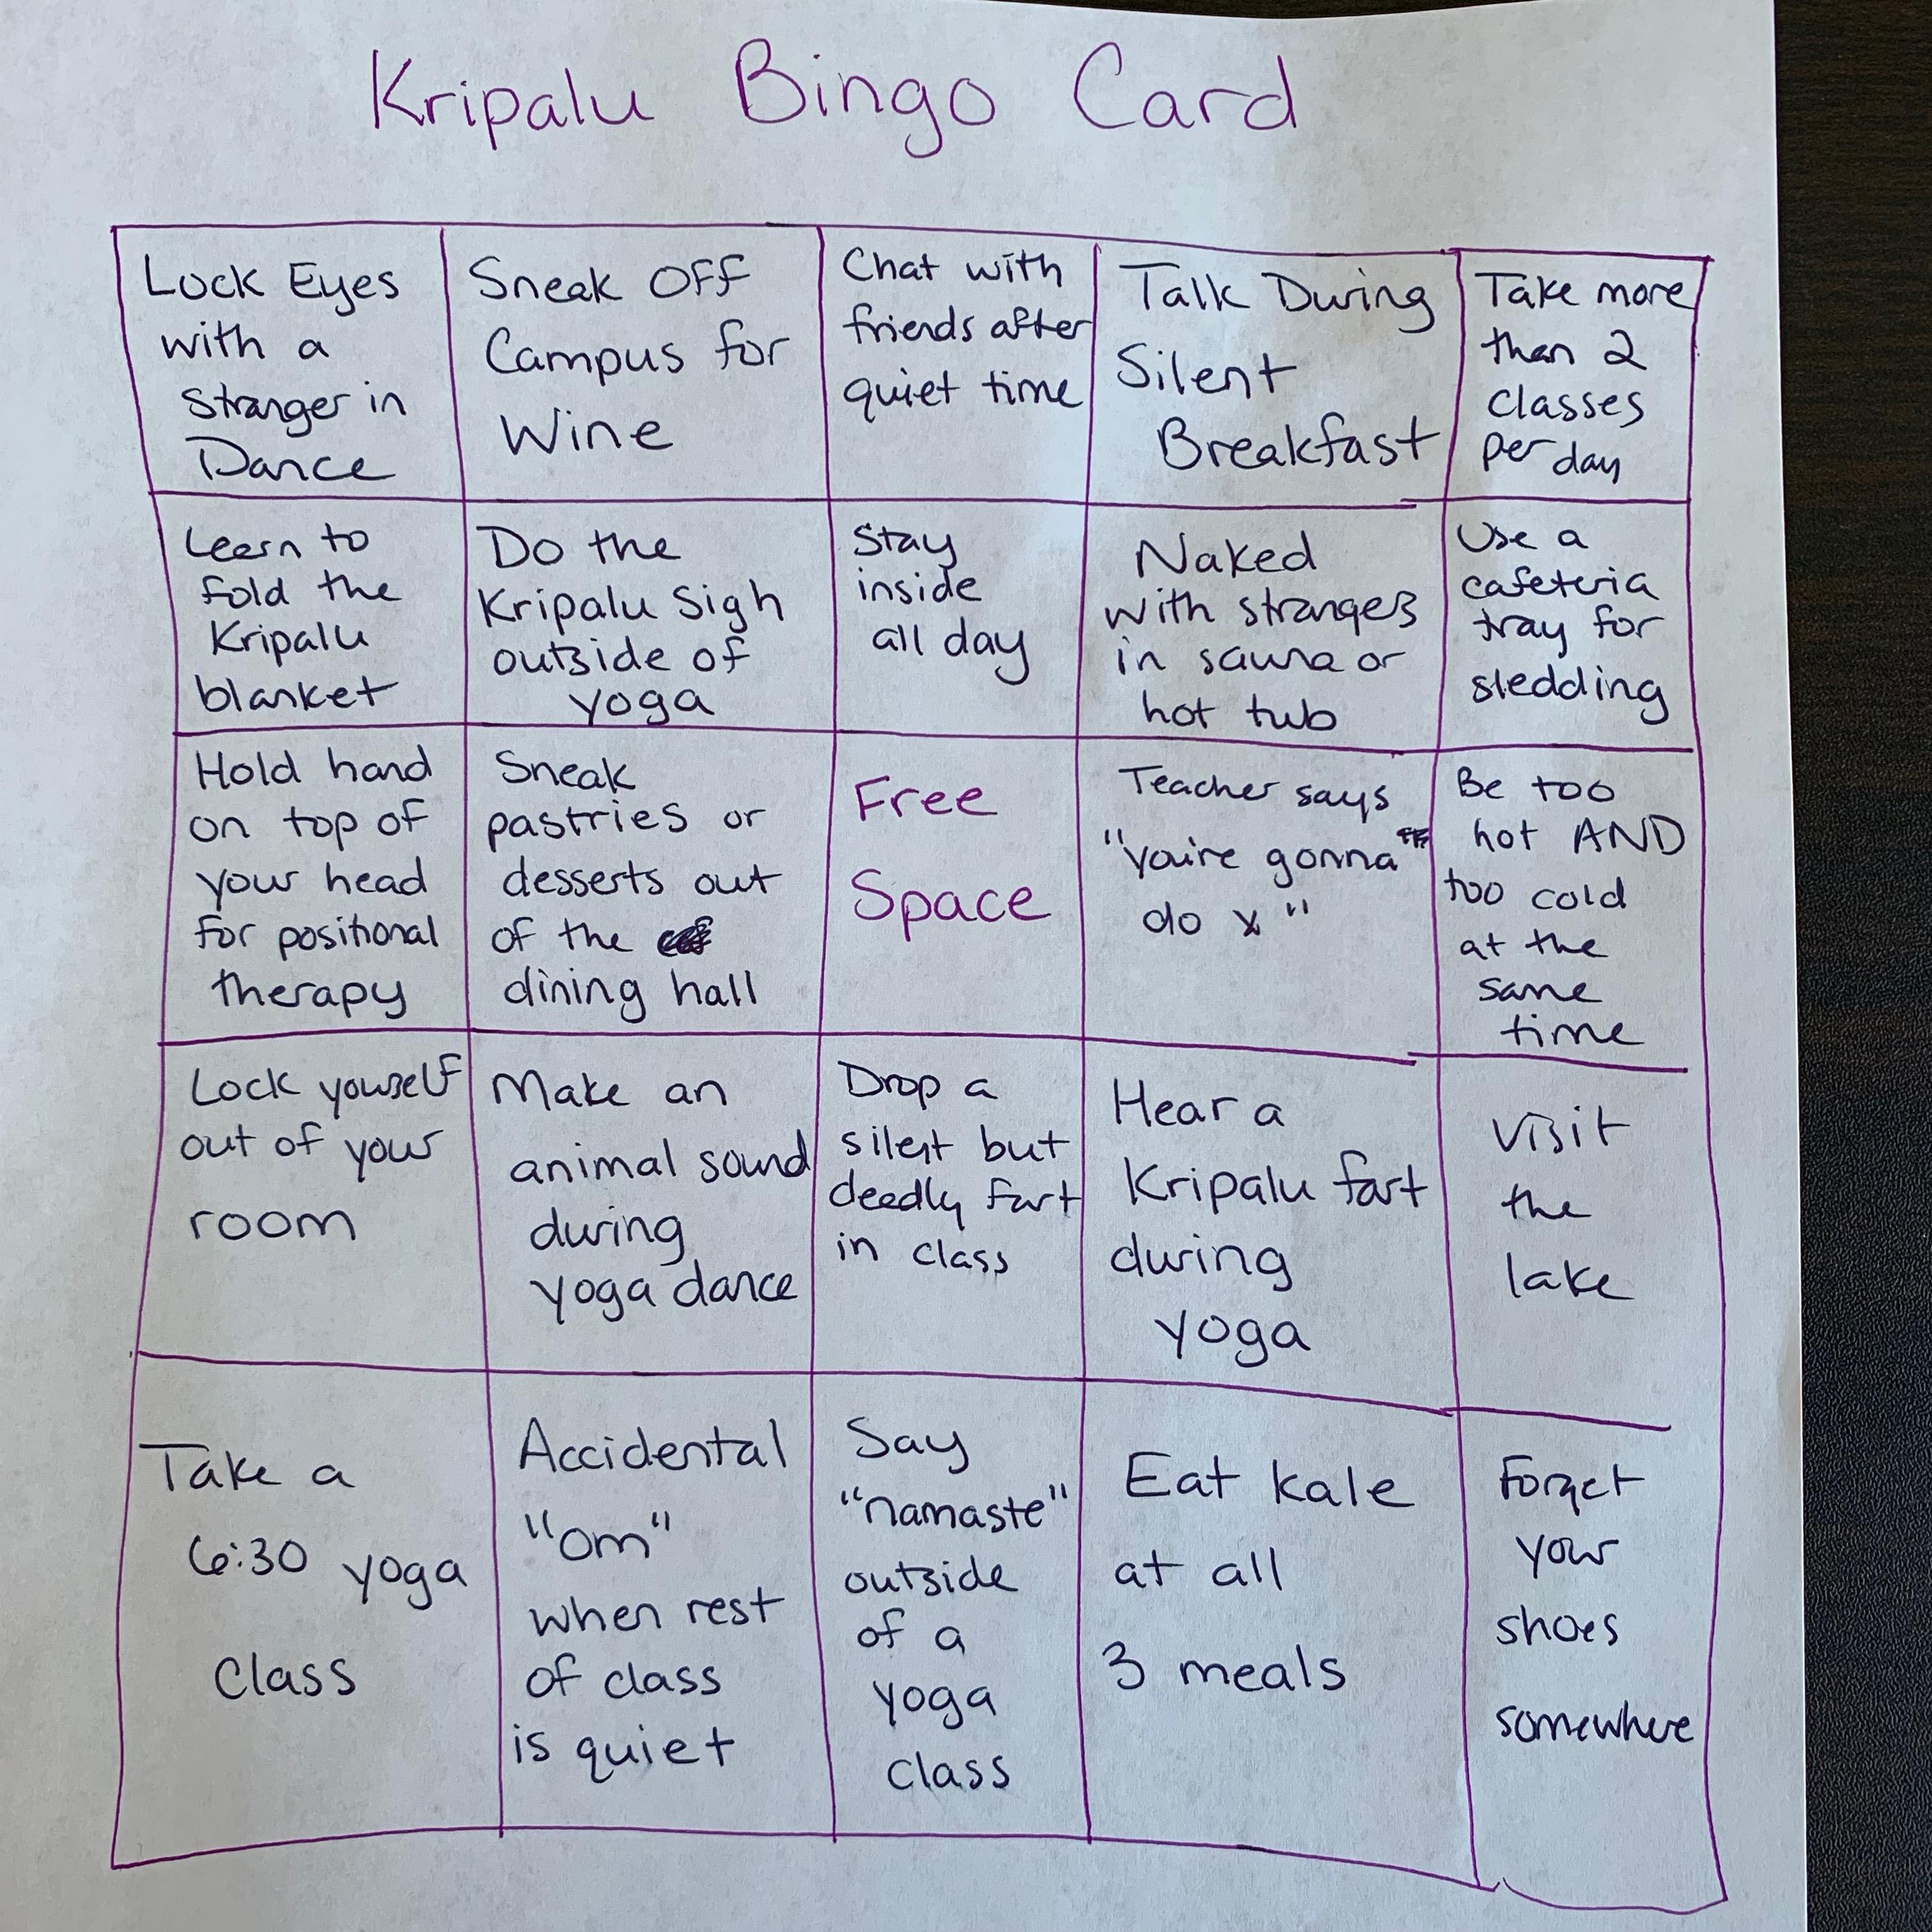 Kripalu bingo card